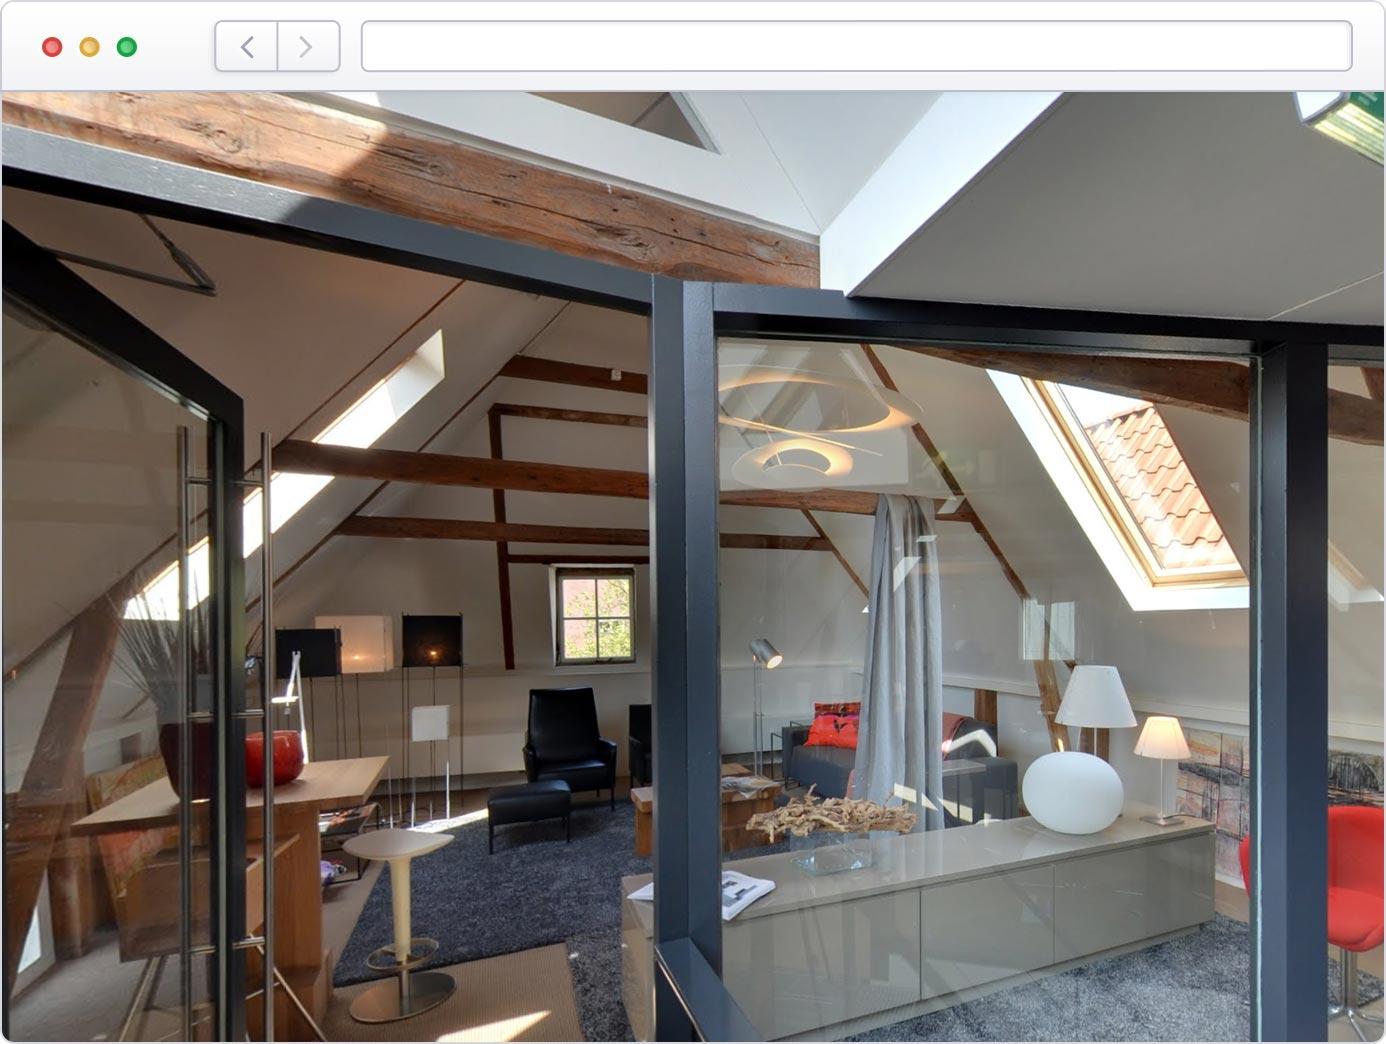 Verkoop uw huis beter met een virtuele tour op Google